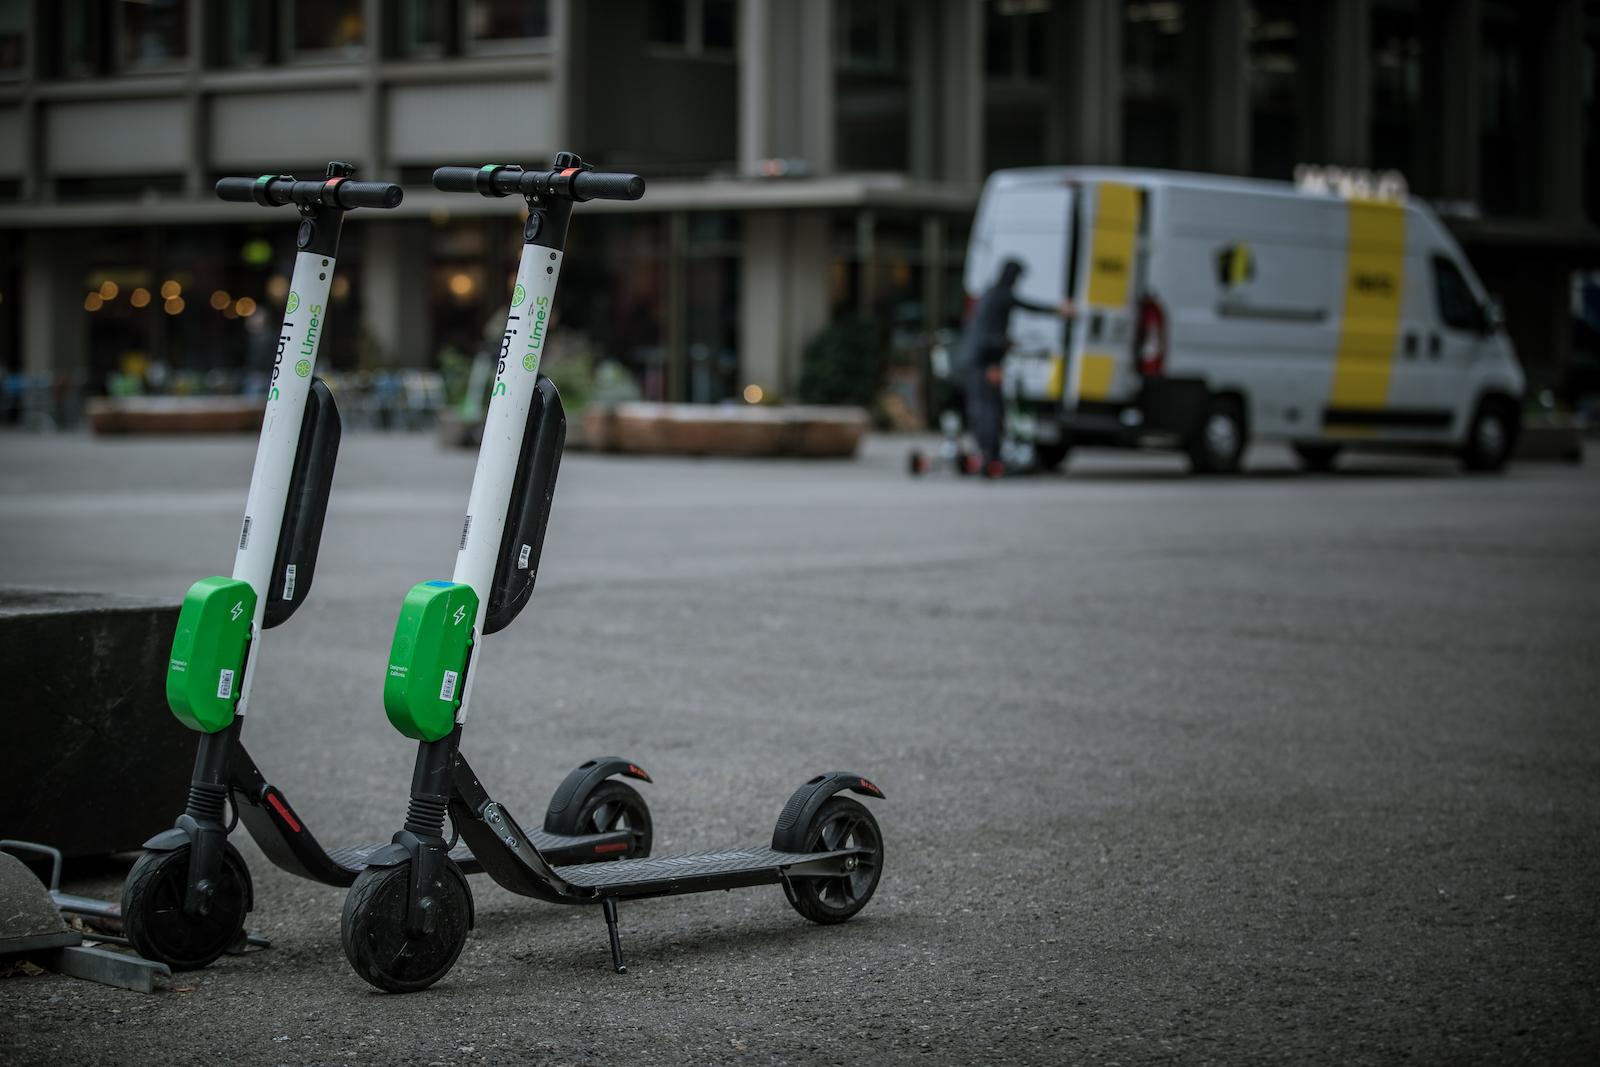 Dans de nombreuses grandes villes suisses, les scooters électriques de fournisseurs comme Lime attendent des locataires de courte durée. (Philippe Rossier)